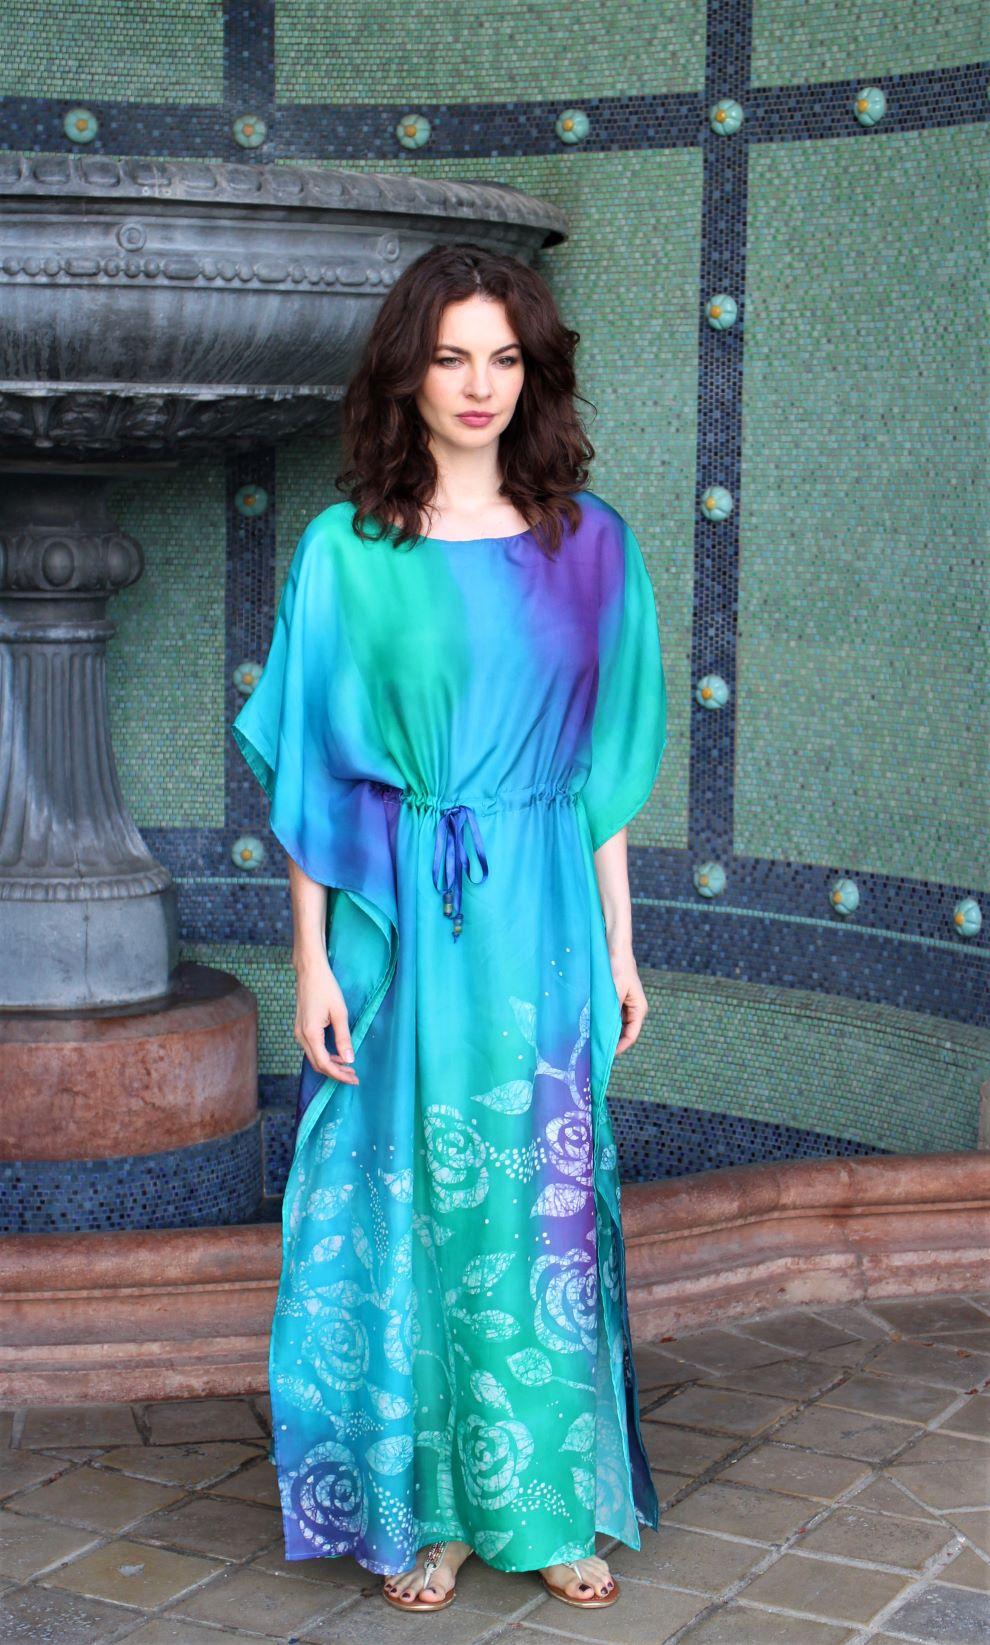 kézzel festett valódi selyem ruha